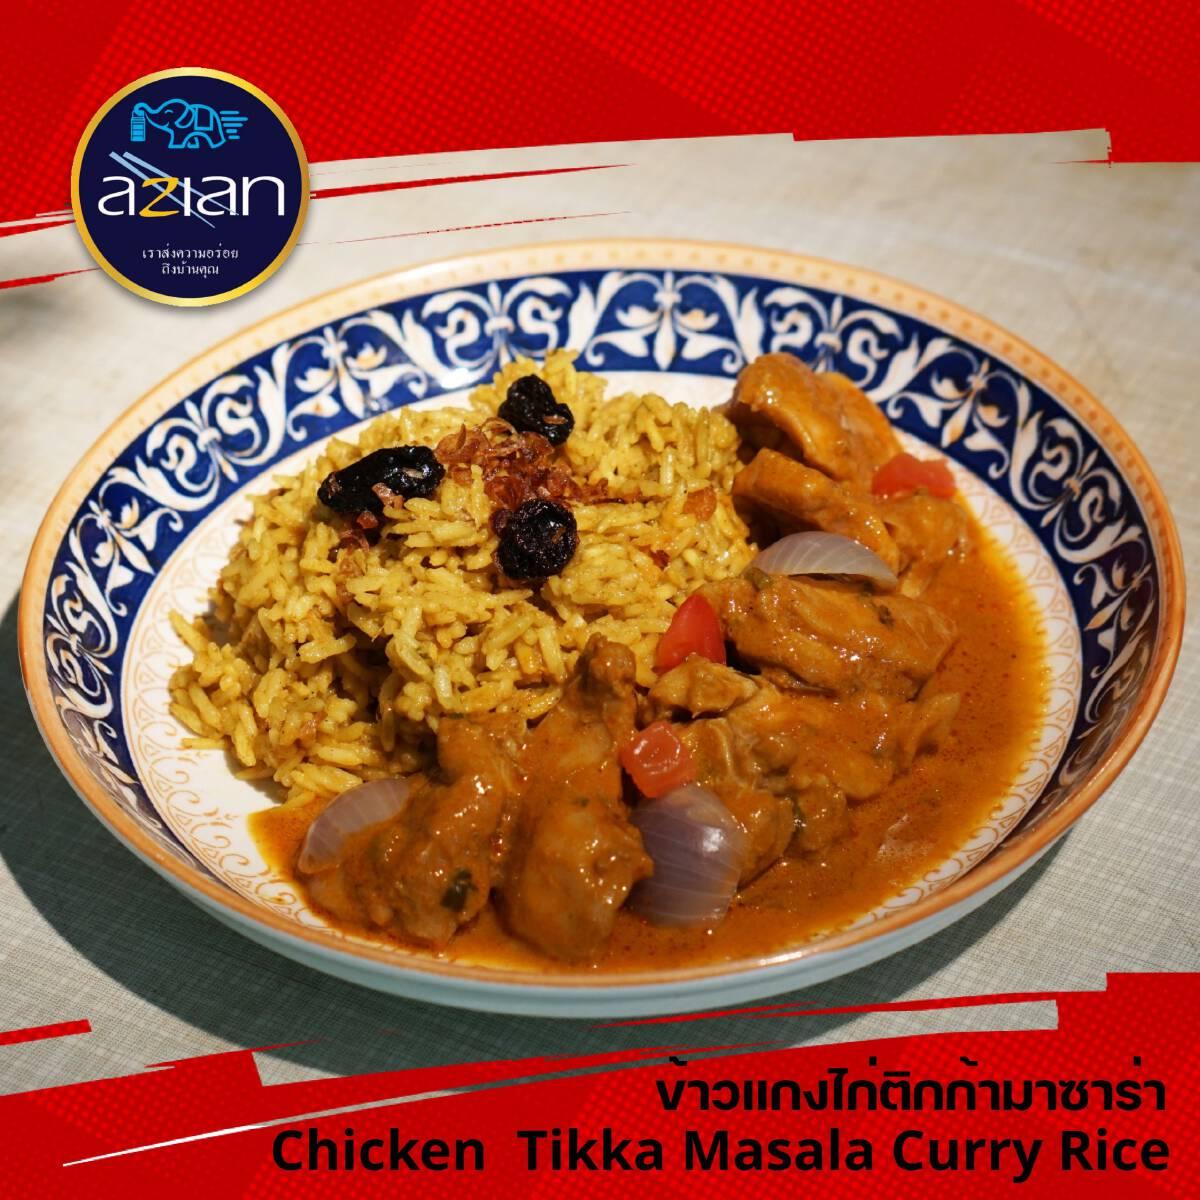 Chicken Tikka Masala Curry Rice